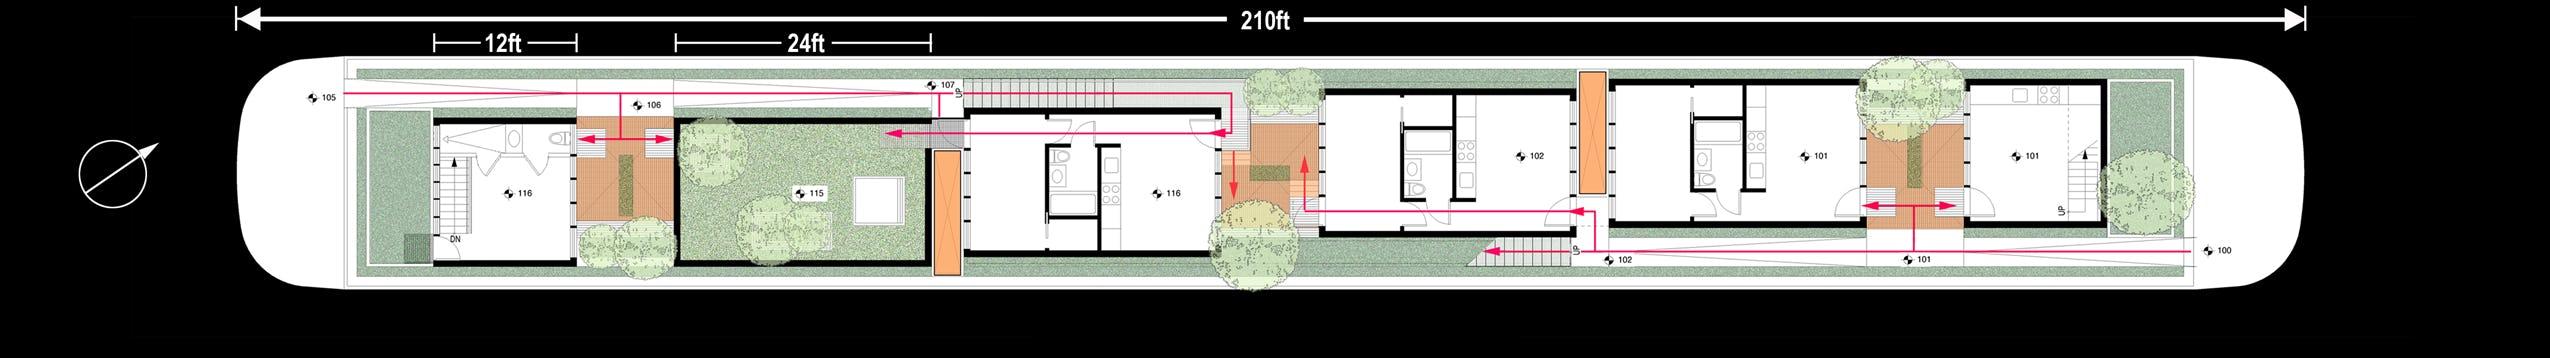 0127 plan